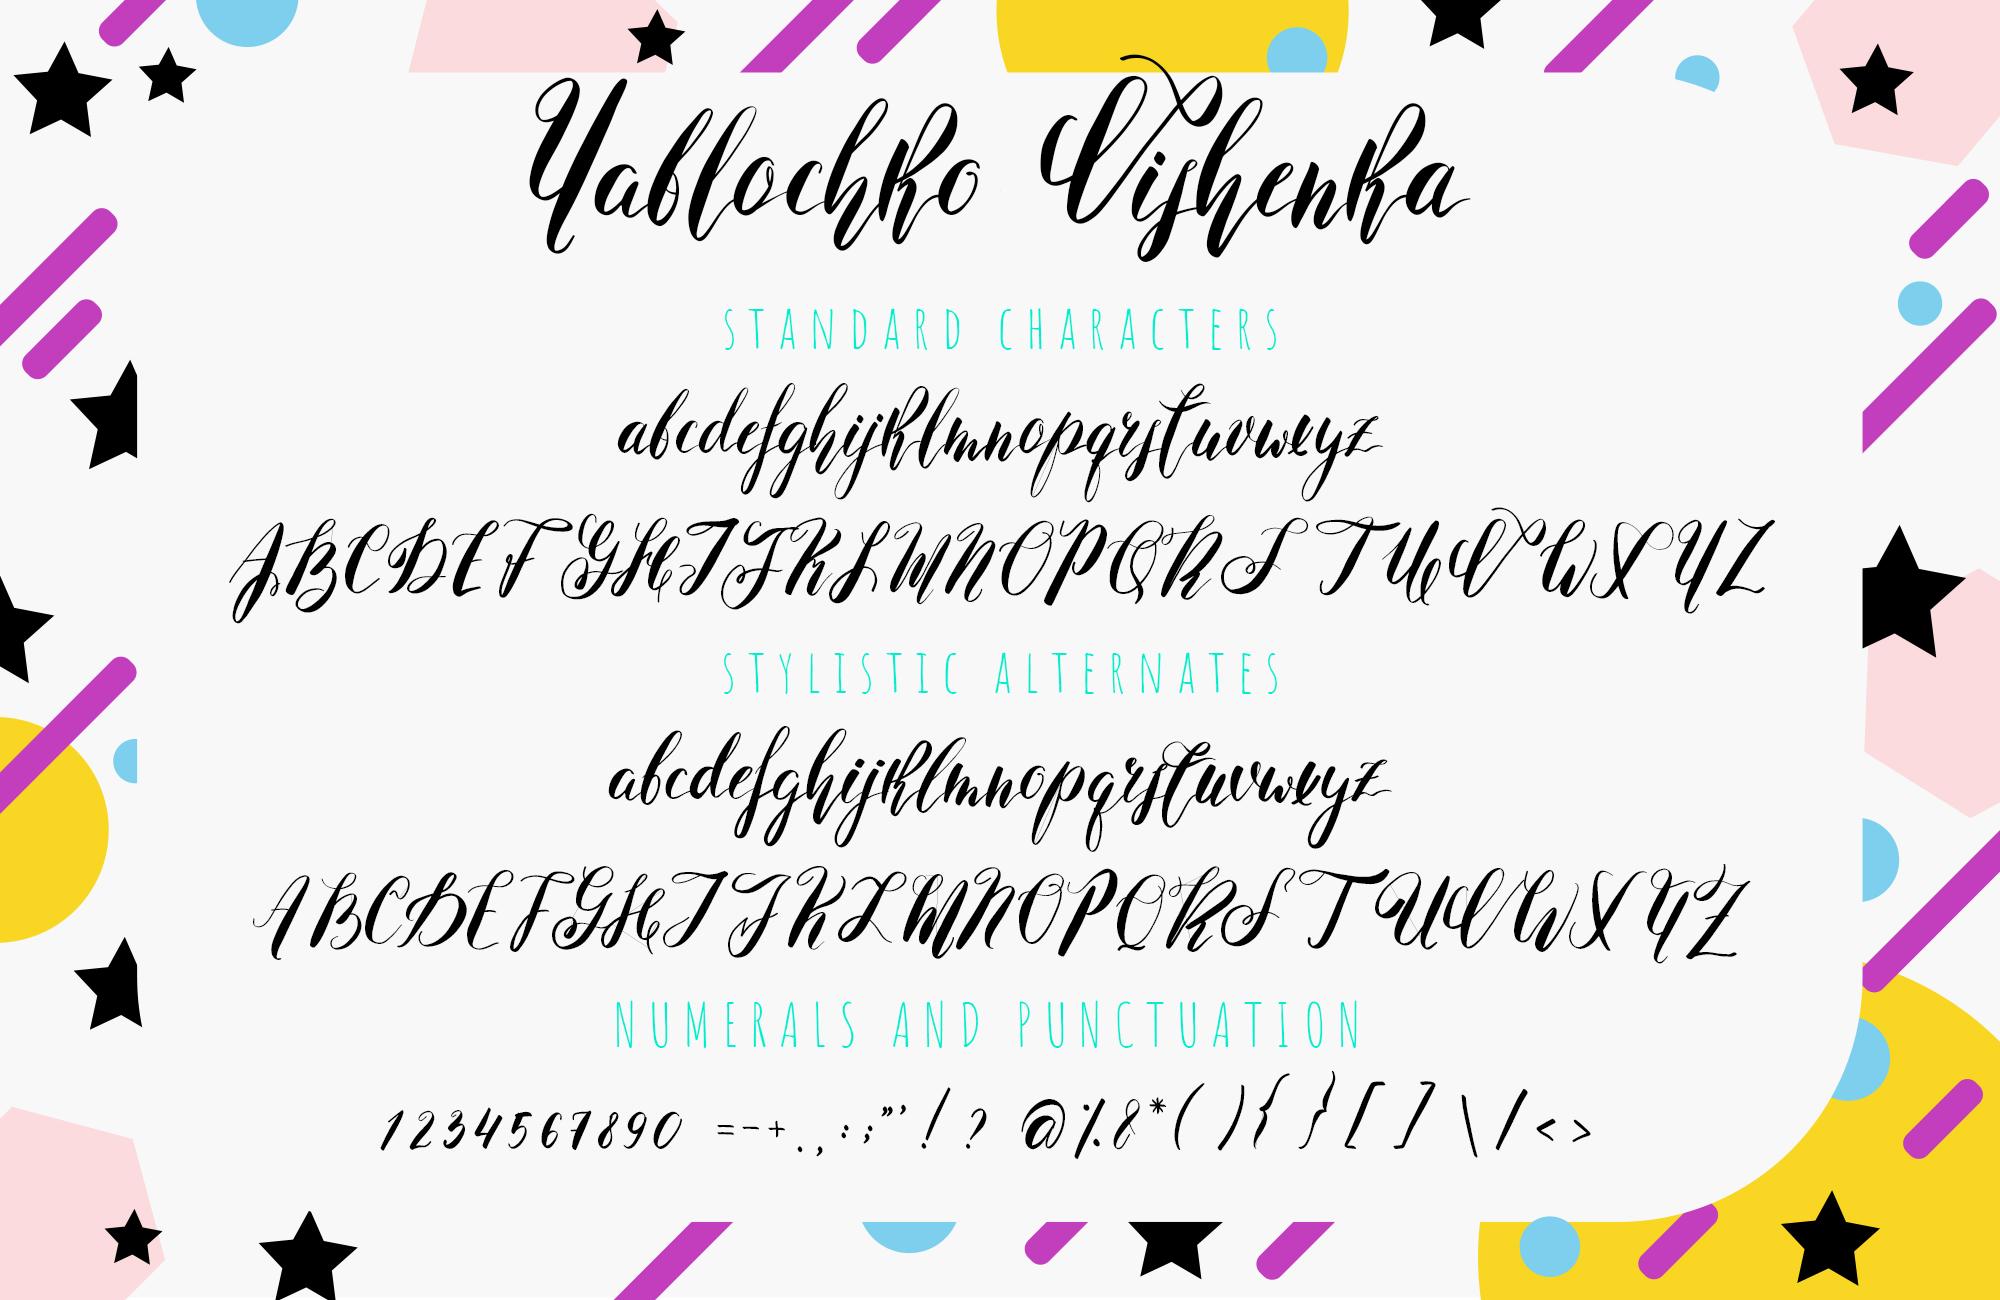 Yablochko Vishenka brush script font example image 7